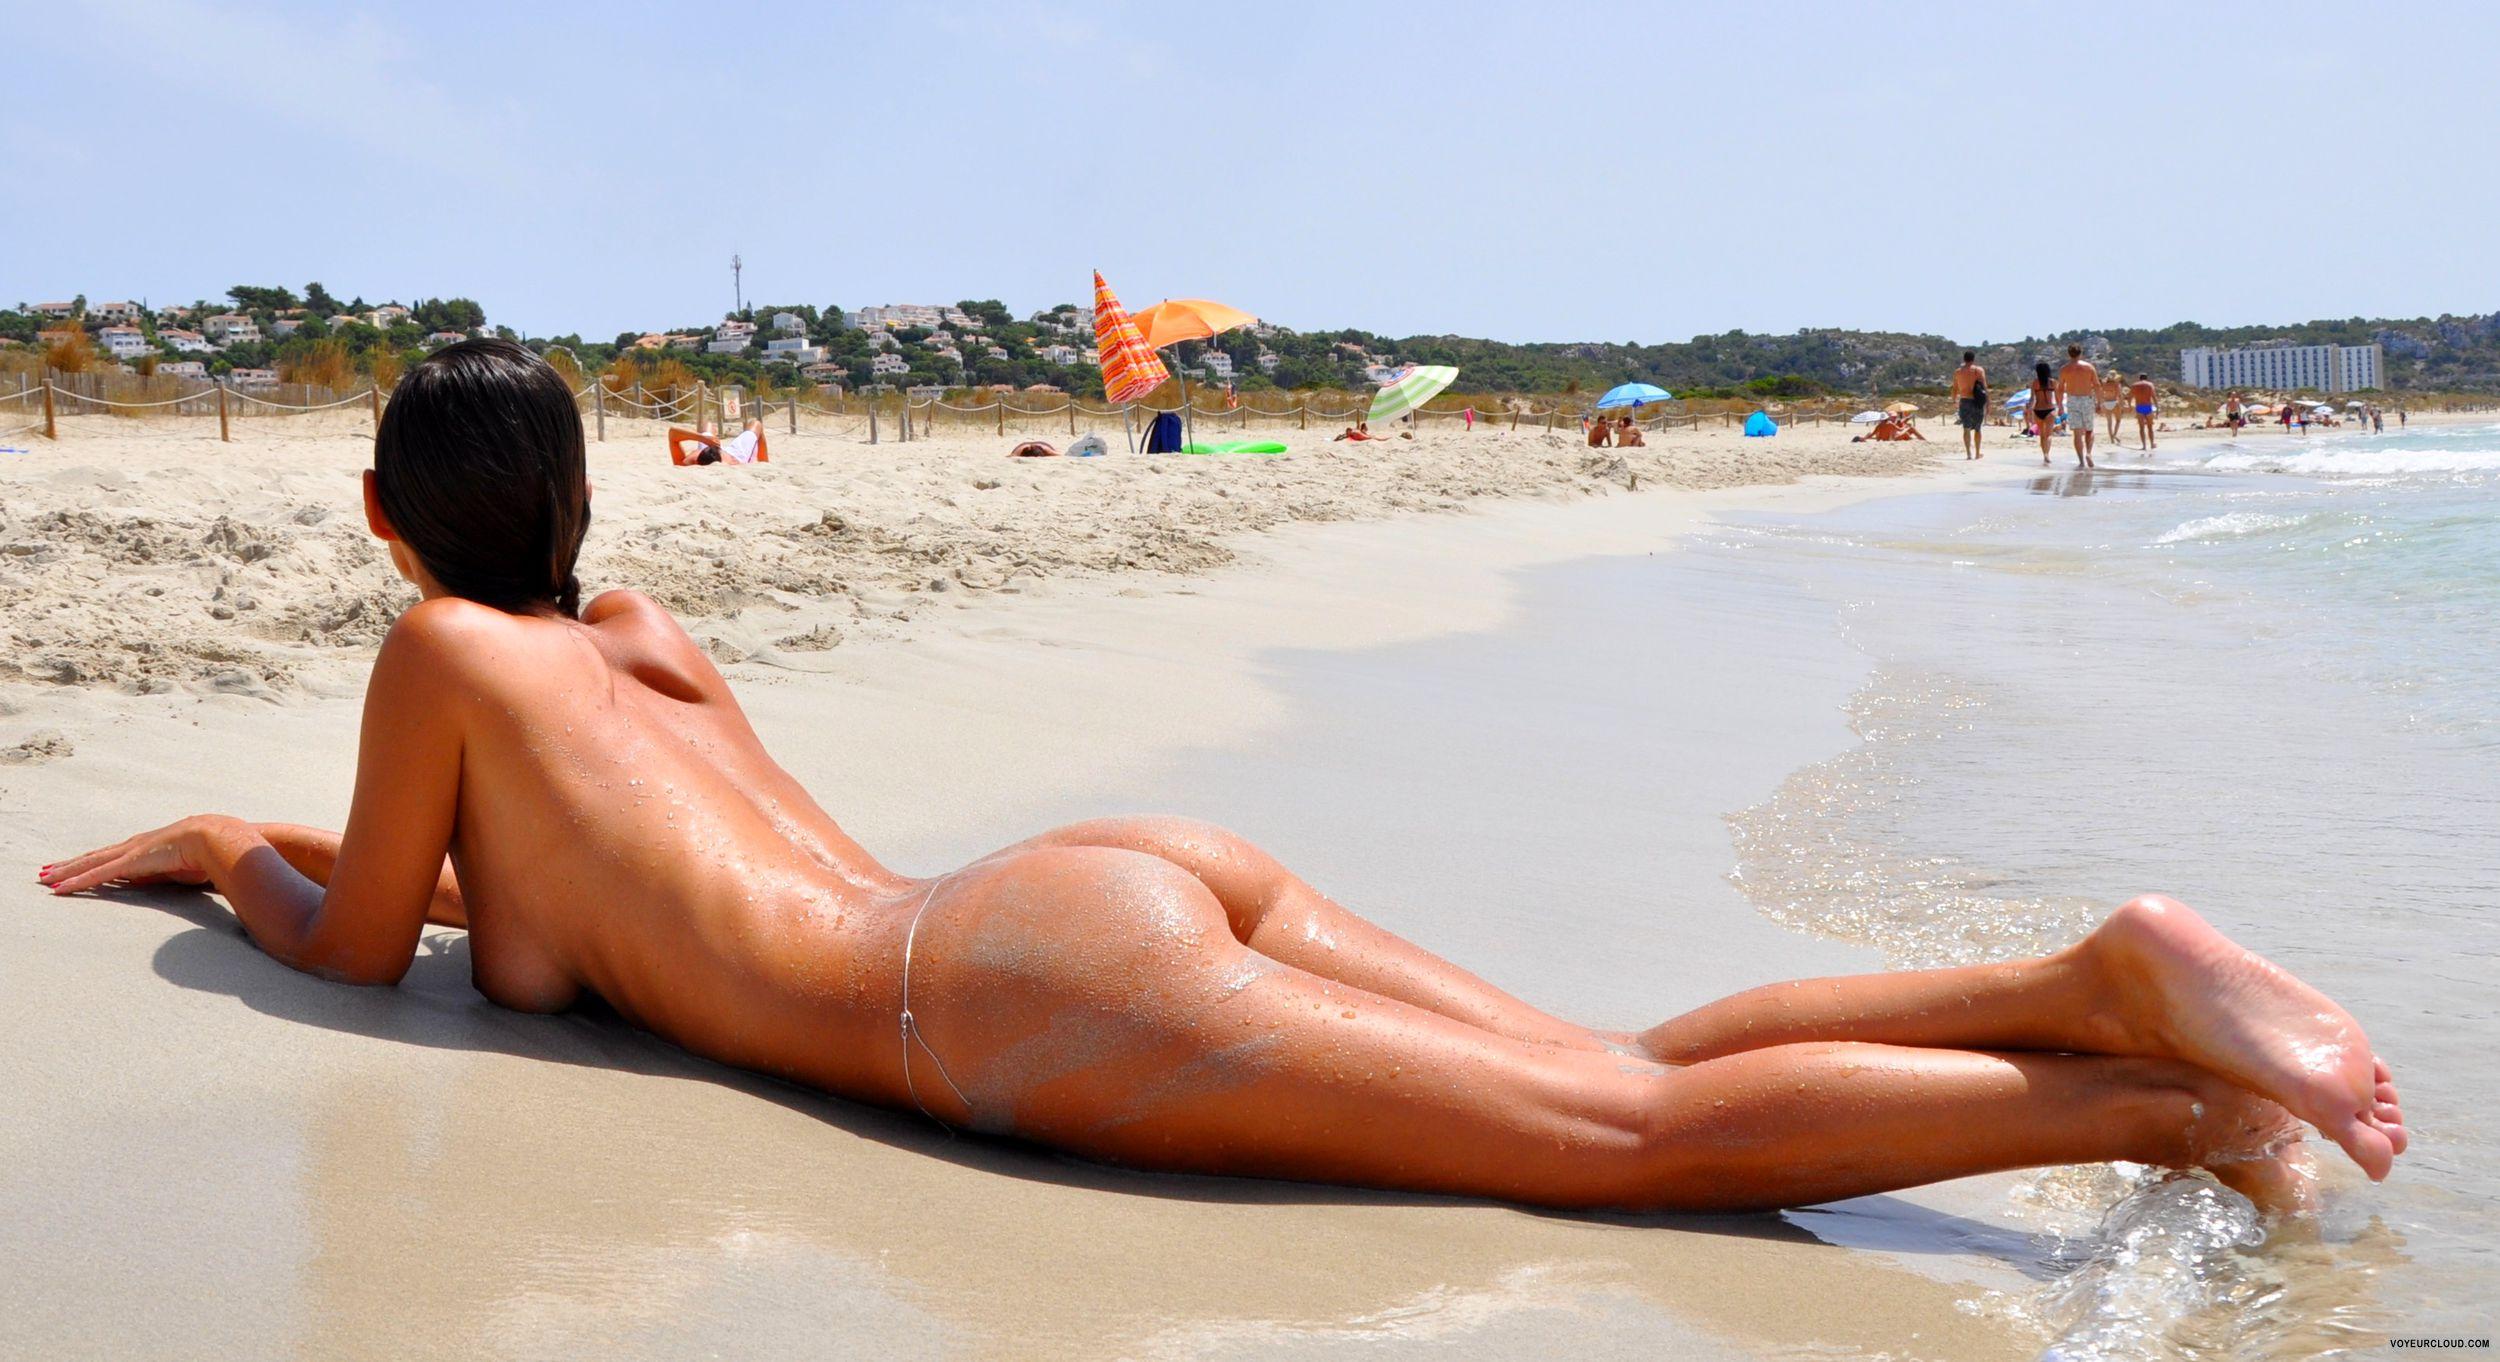 porn massaggio punter forum italia